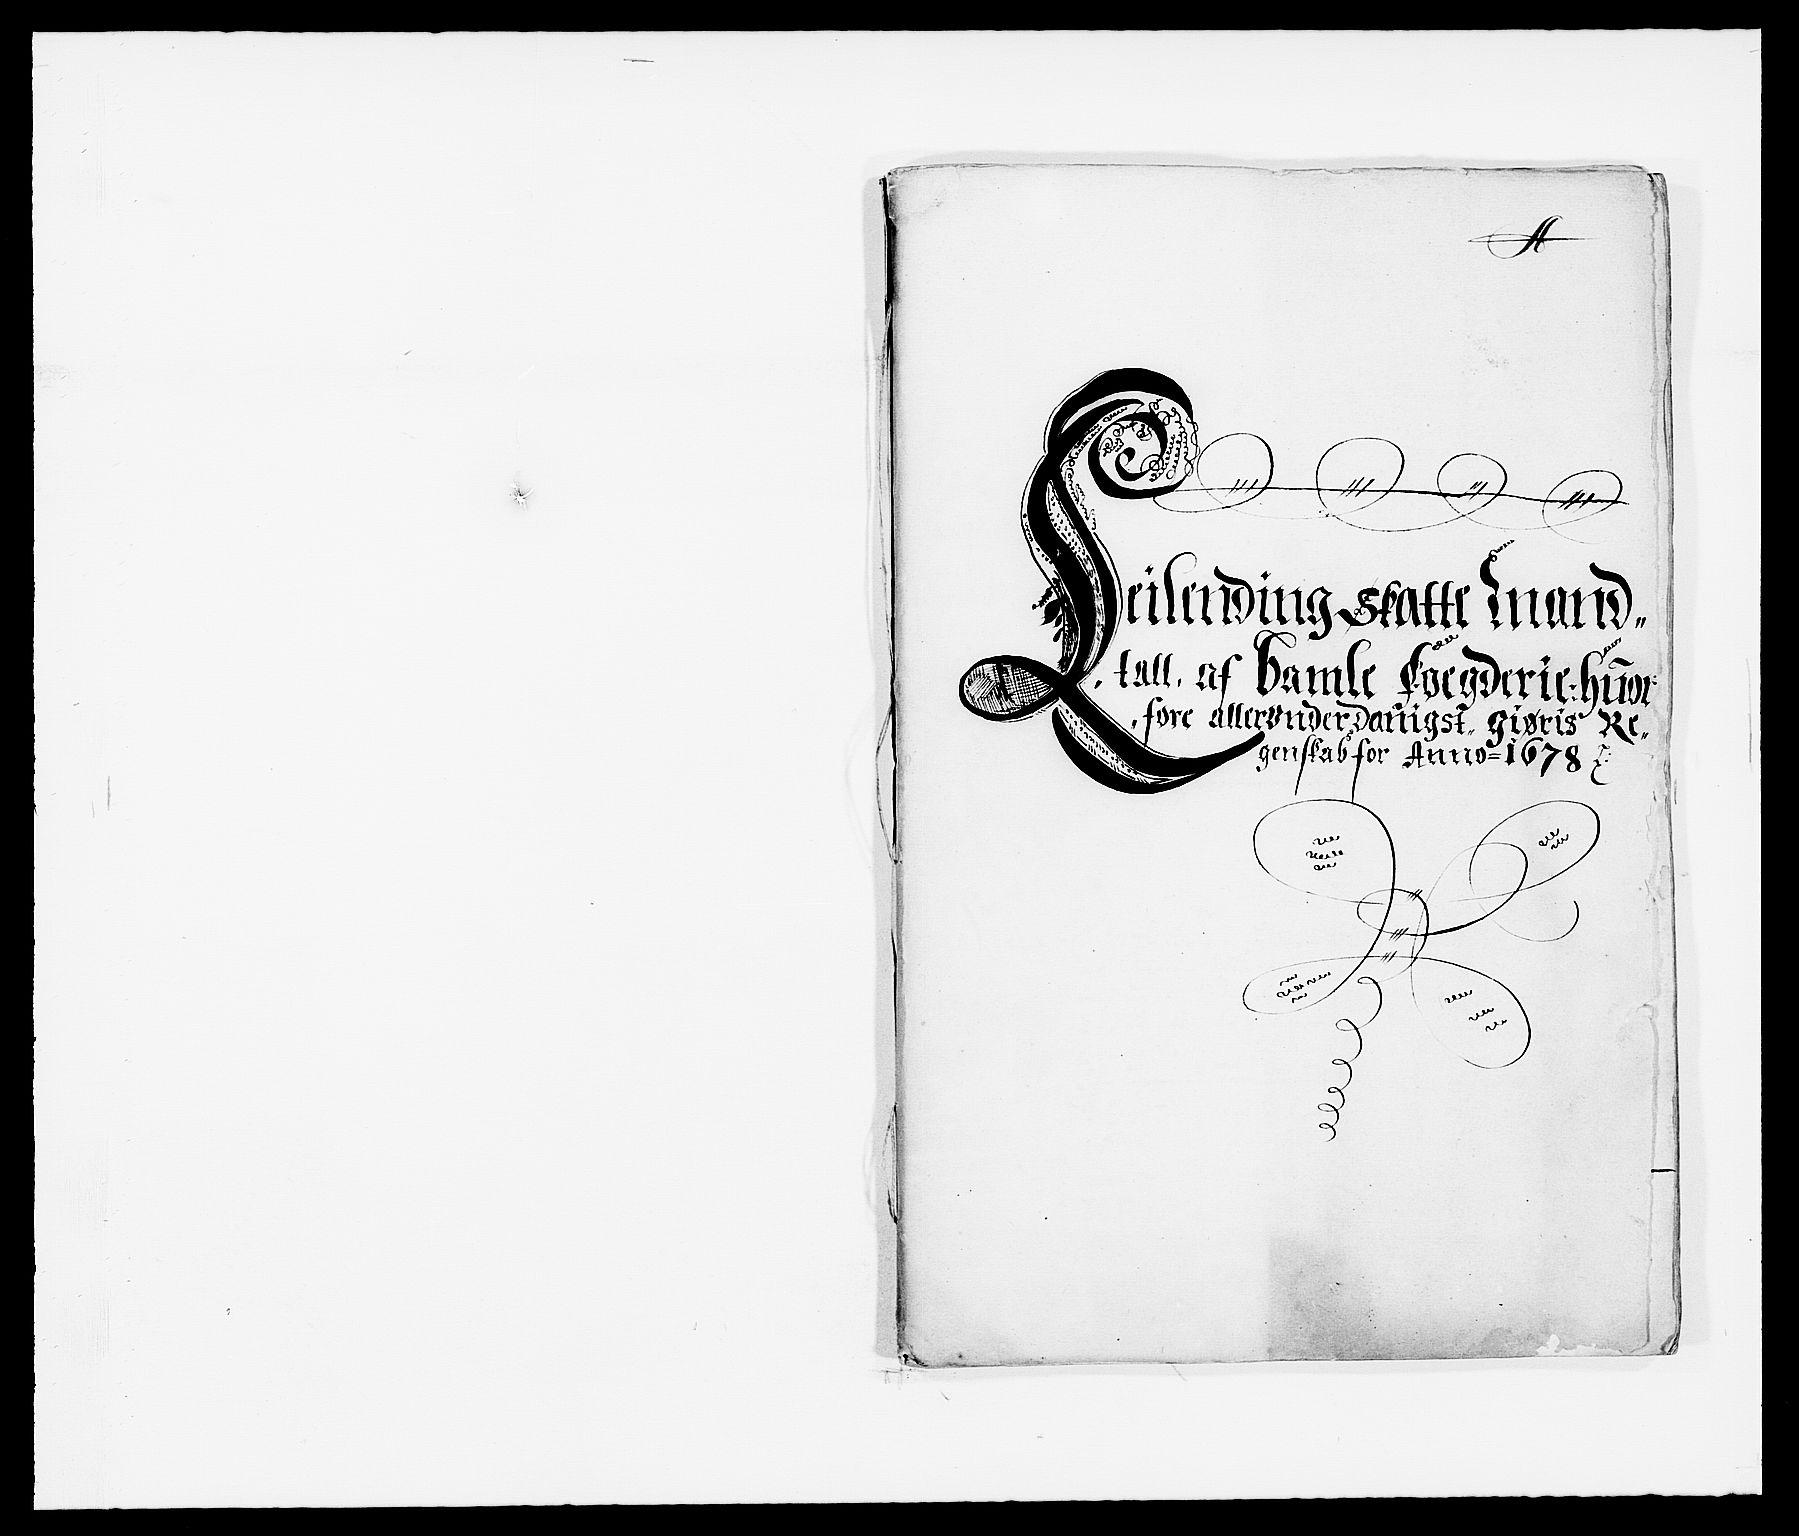 RA, Rentekammeret inntil 1814, Reviderte regnskaper, Fogderegnskap, R34/L2044: Fogderegnskap Bamble, 1678-1679, s. 4